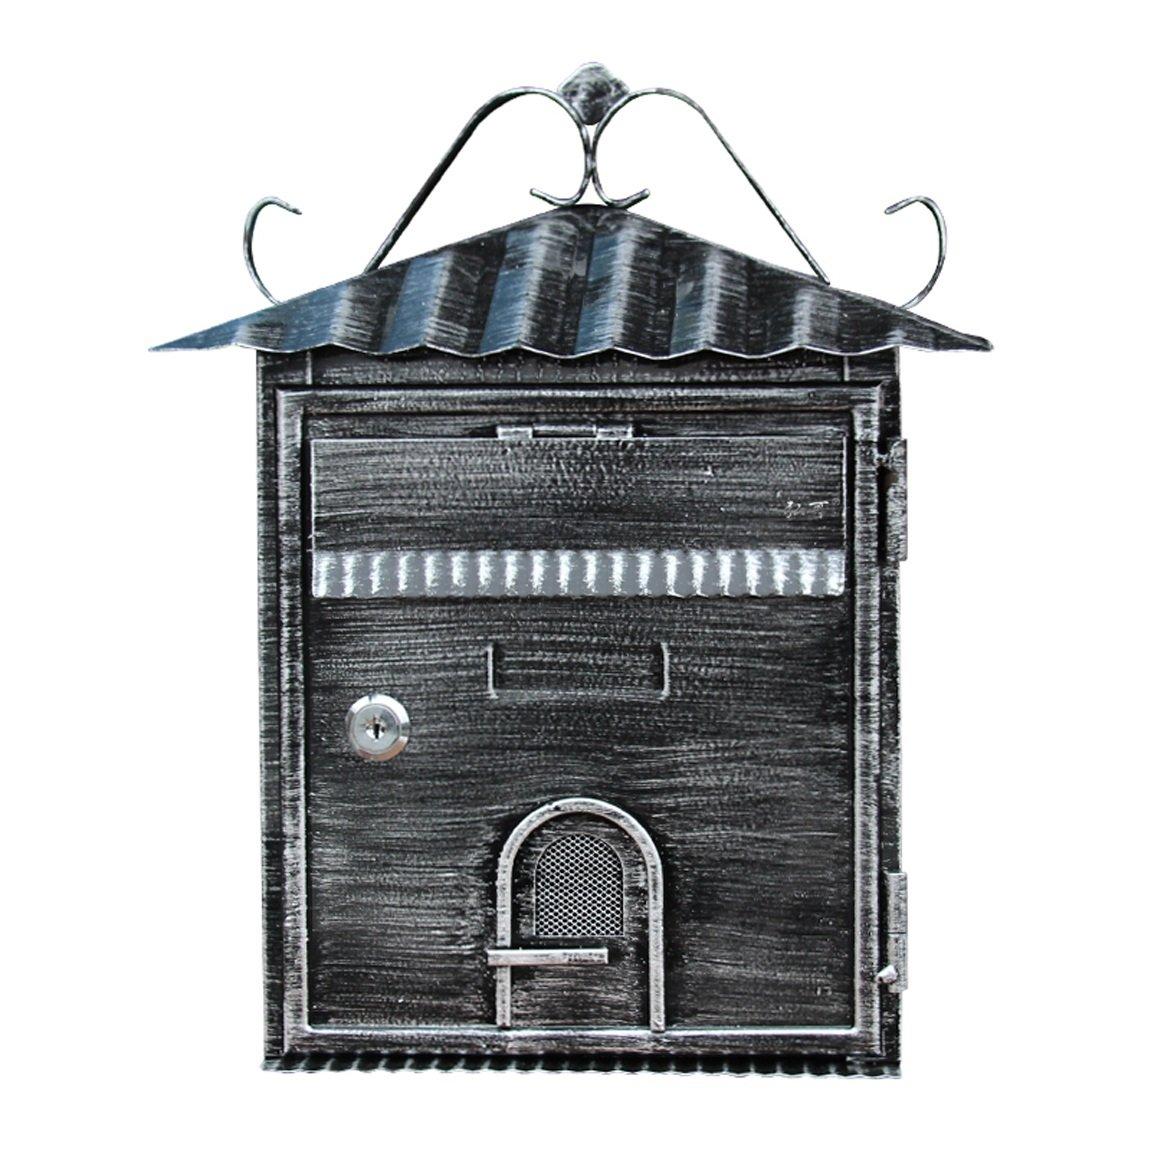 HZBc ヨーロッパスタイルのヴィラ郵便受け屋外レシートボックス、レターボックス、壁掛けの提案箱、壁の装飾   B07L28RFBZ